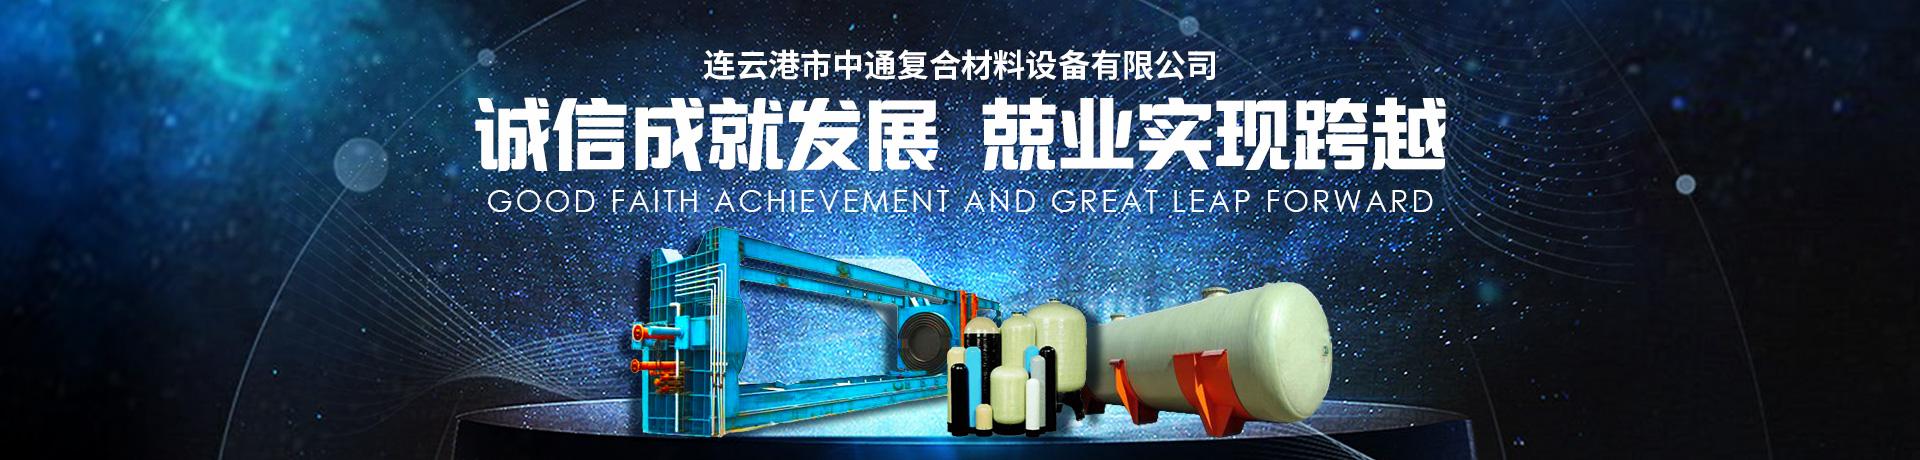 连云港市中通复合材料机械设备制造厂